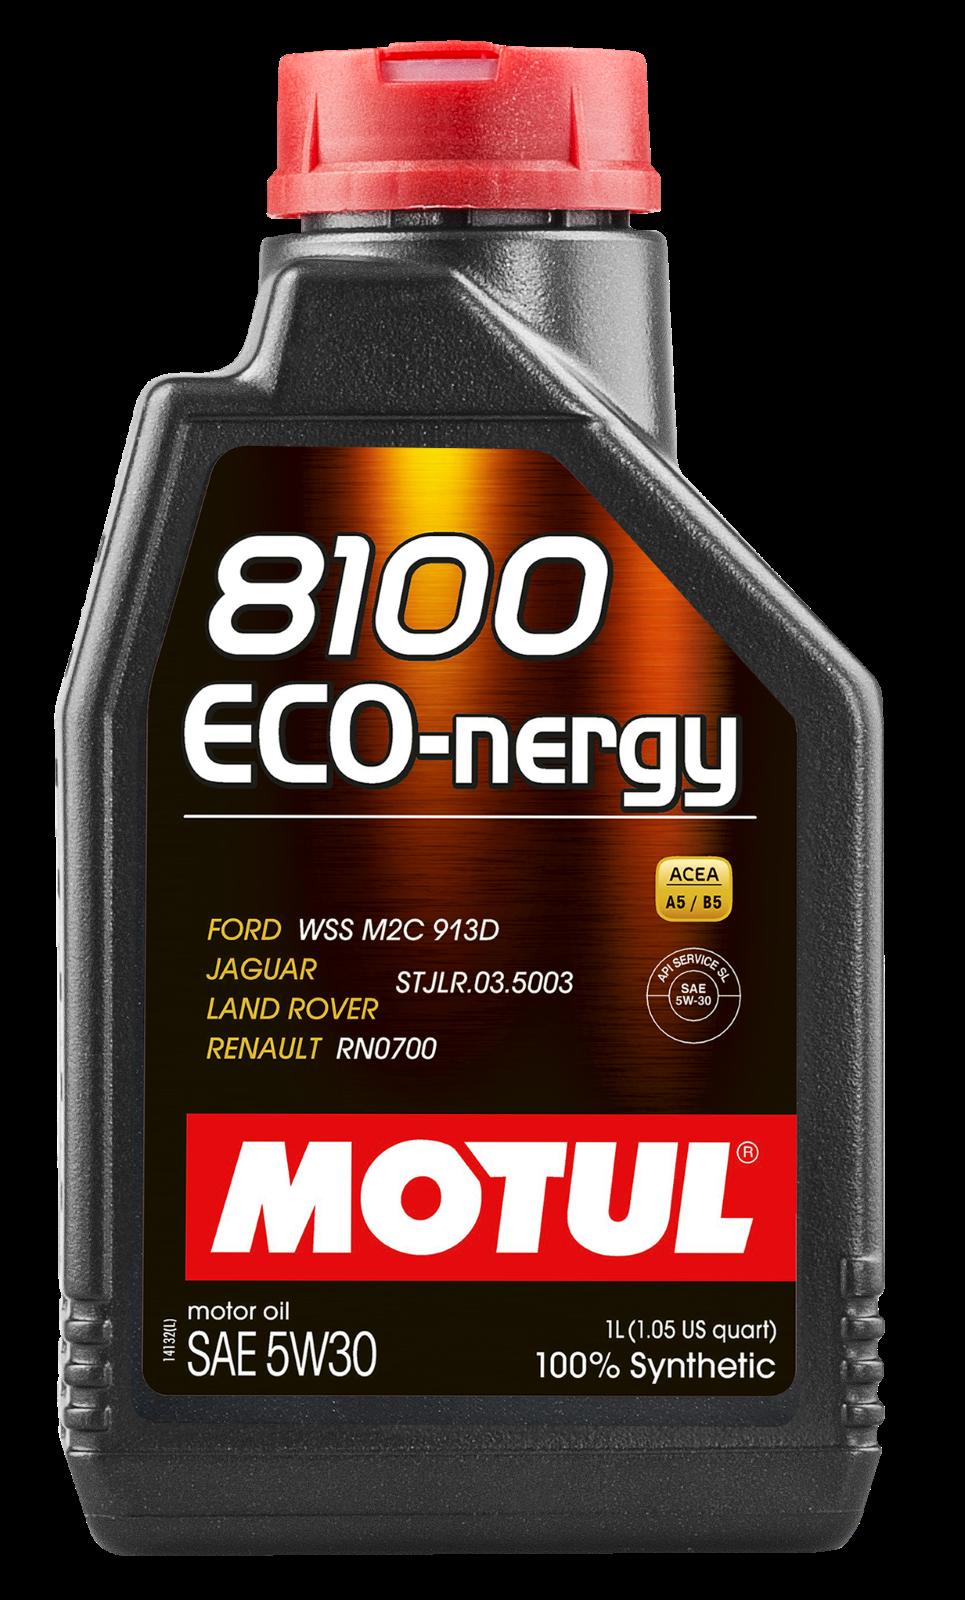 MOTUL AG MOTUL 8100 Eco-nergy 5W-30 1L